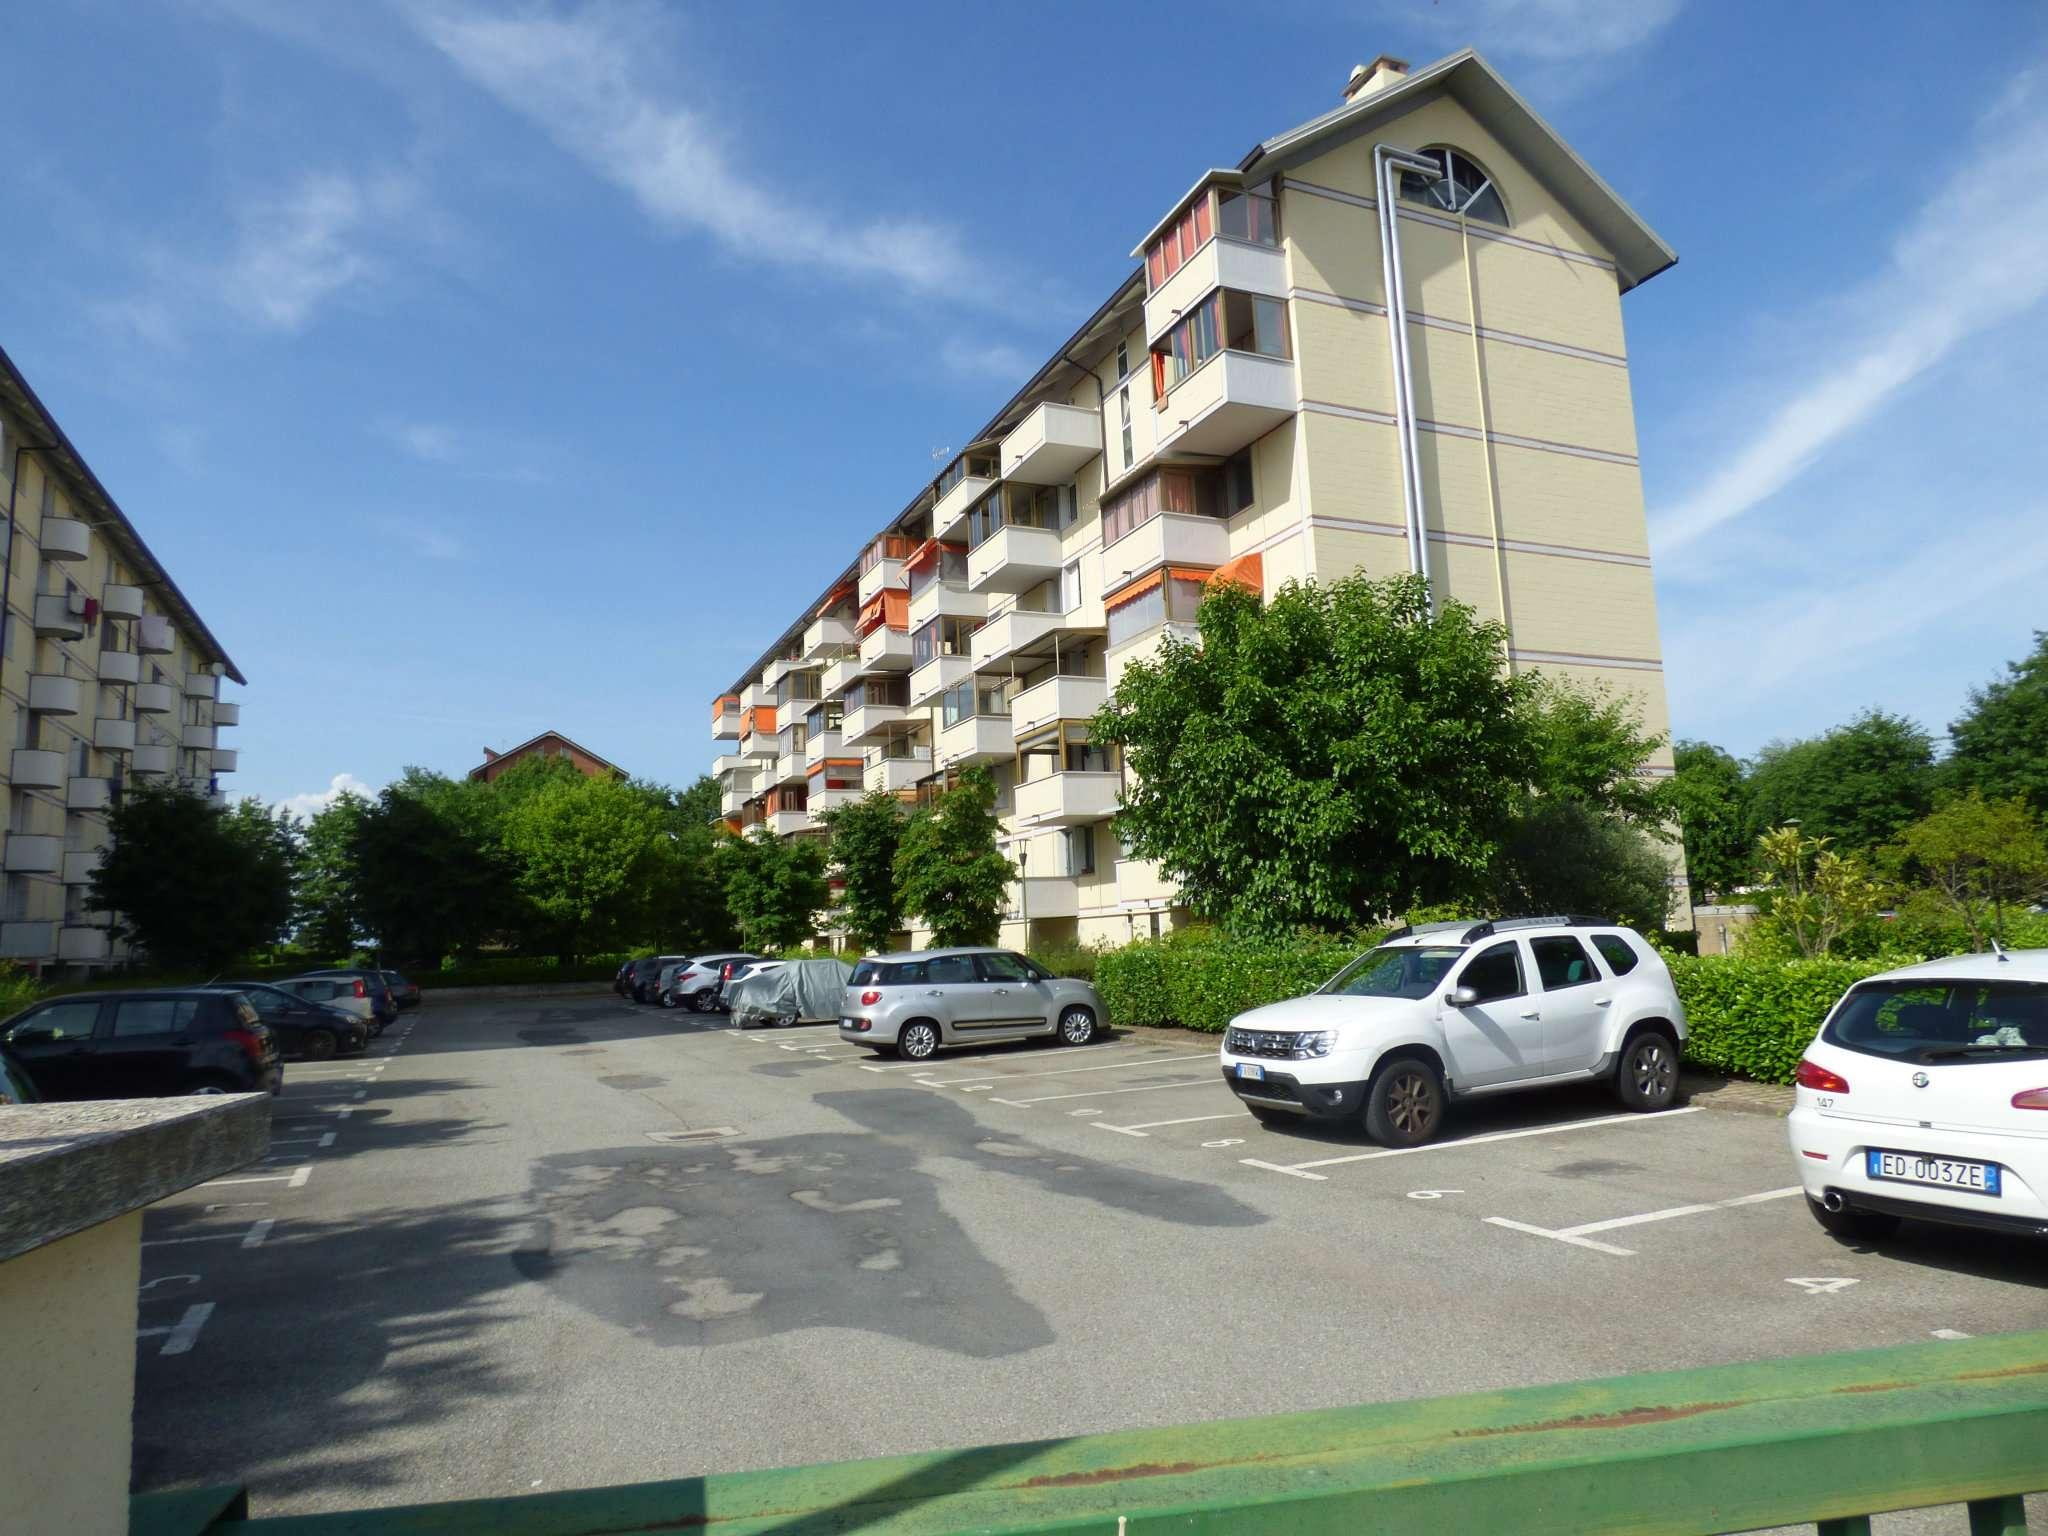 Appartamento in vendita a Borgaro Torinese, 4 locali, prezzo € 113.000 | PortaleAgenzieImmobiliari.it